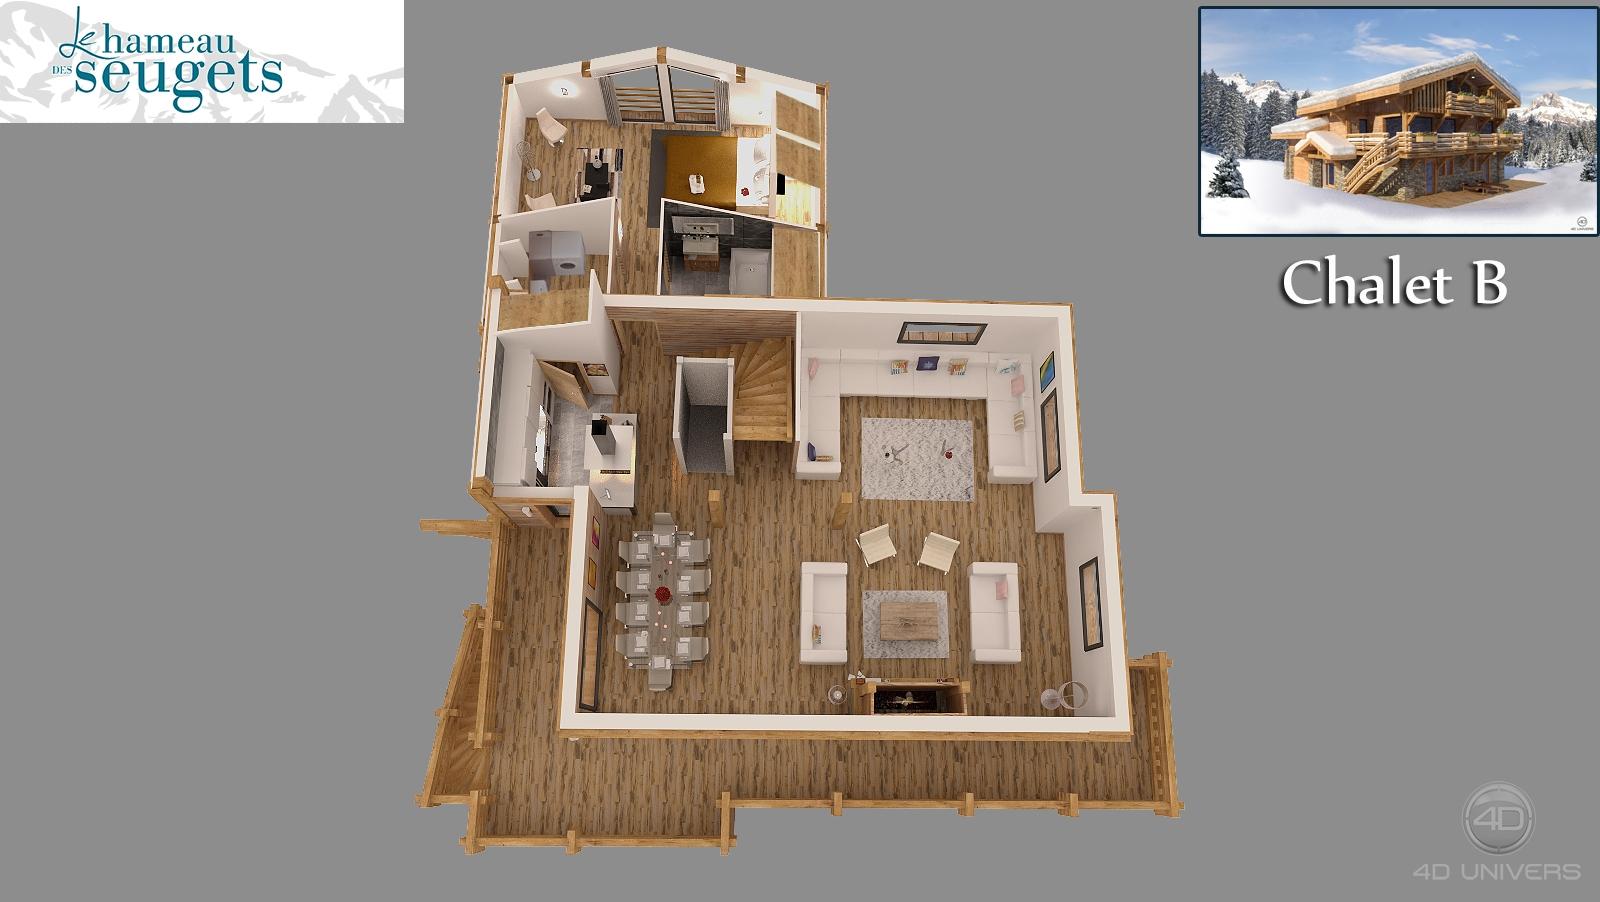 Am nagement int rieur 3d 4d univers studio animation for Amenagement interieur chalet